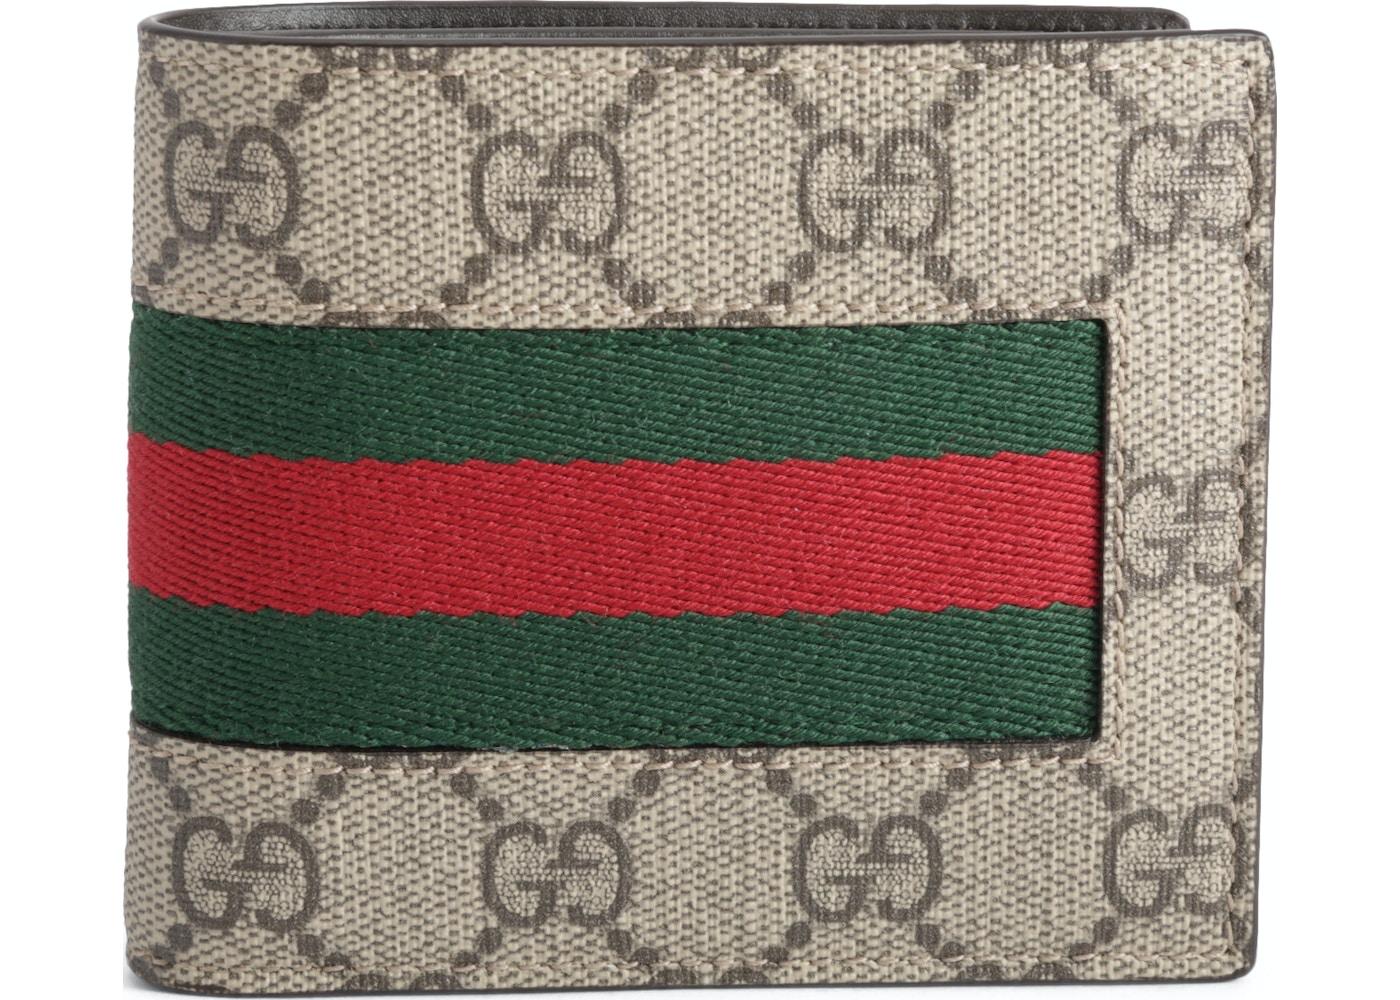 88c084eb62f Gucci Bifold Wallet GG Supreme Web Brown. GG Supreme Web Brown